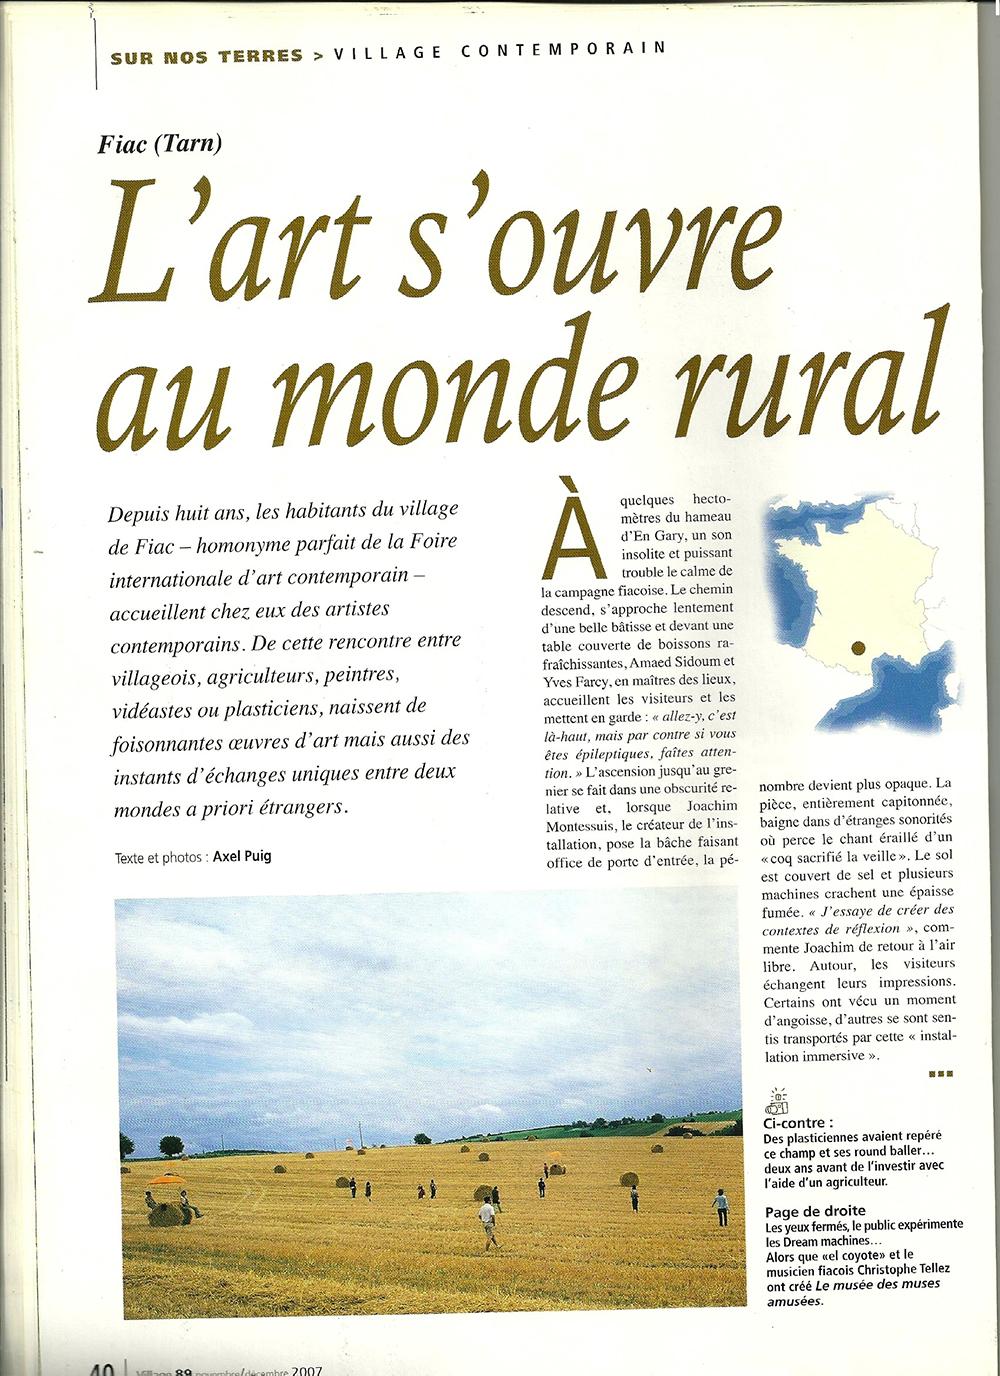 villagemagazine2007.2